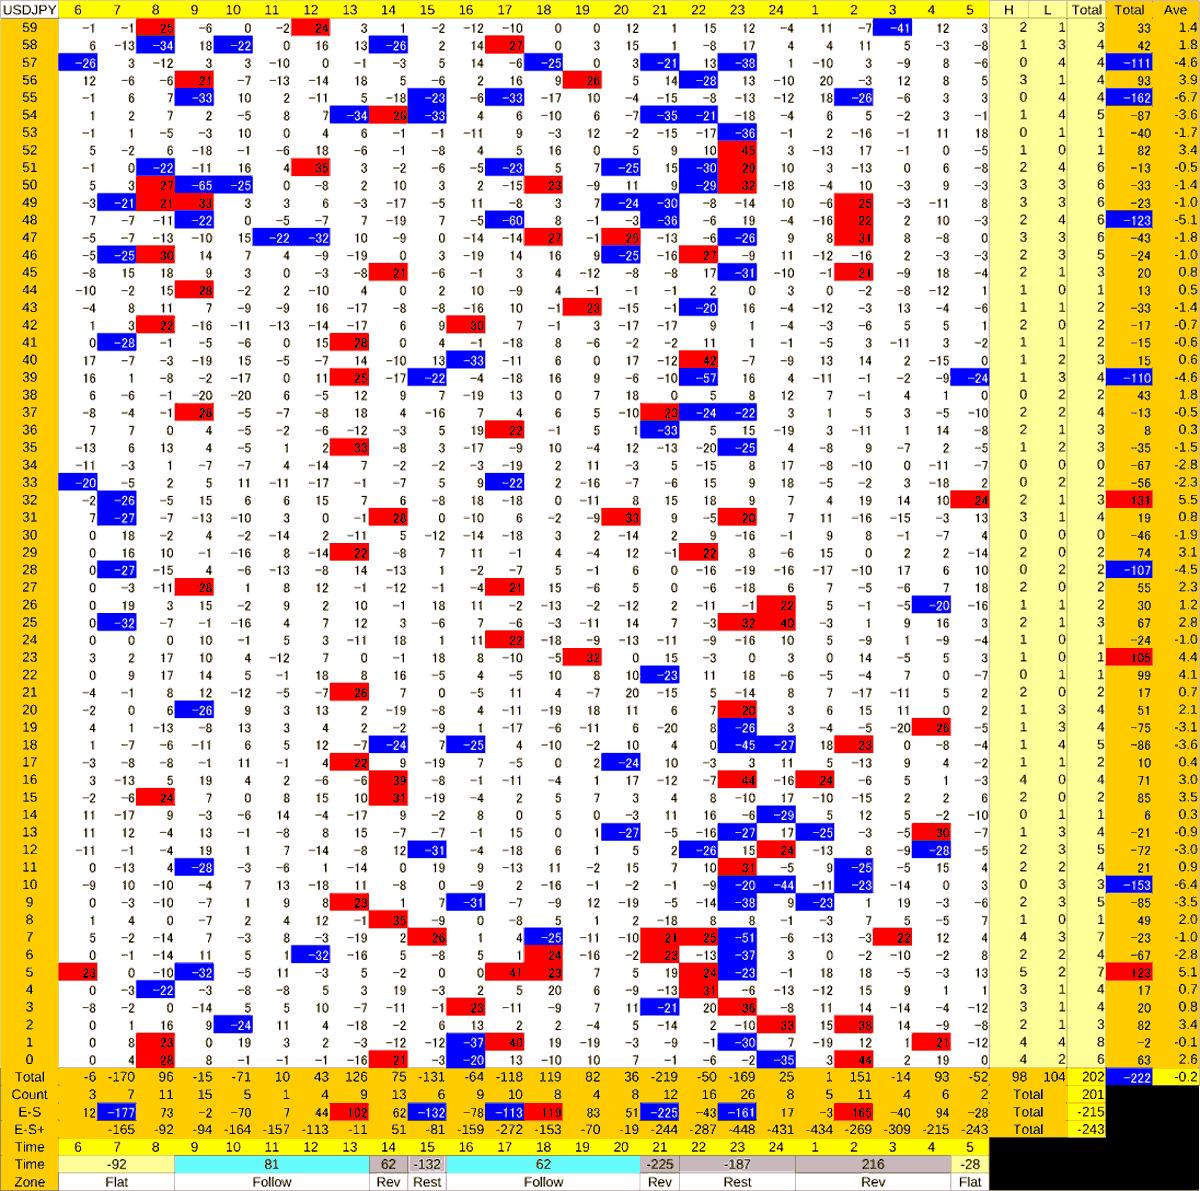 20200611_HS(1)USDJPY